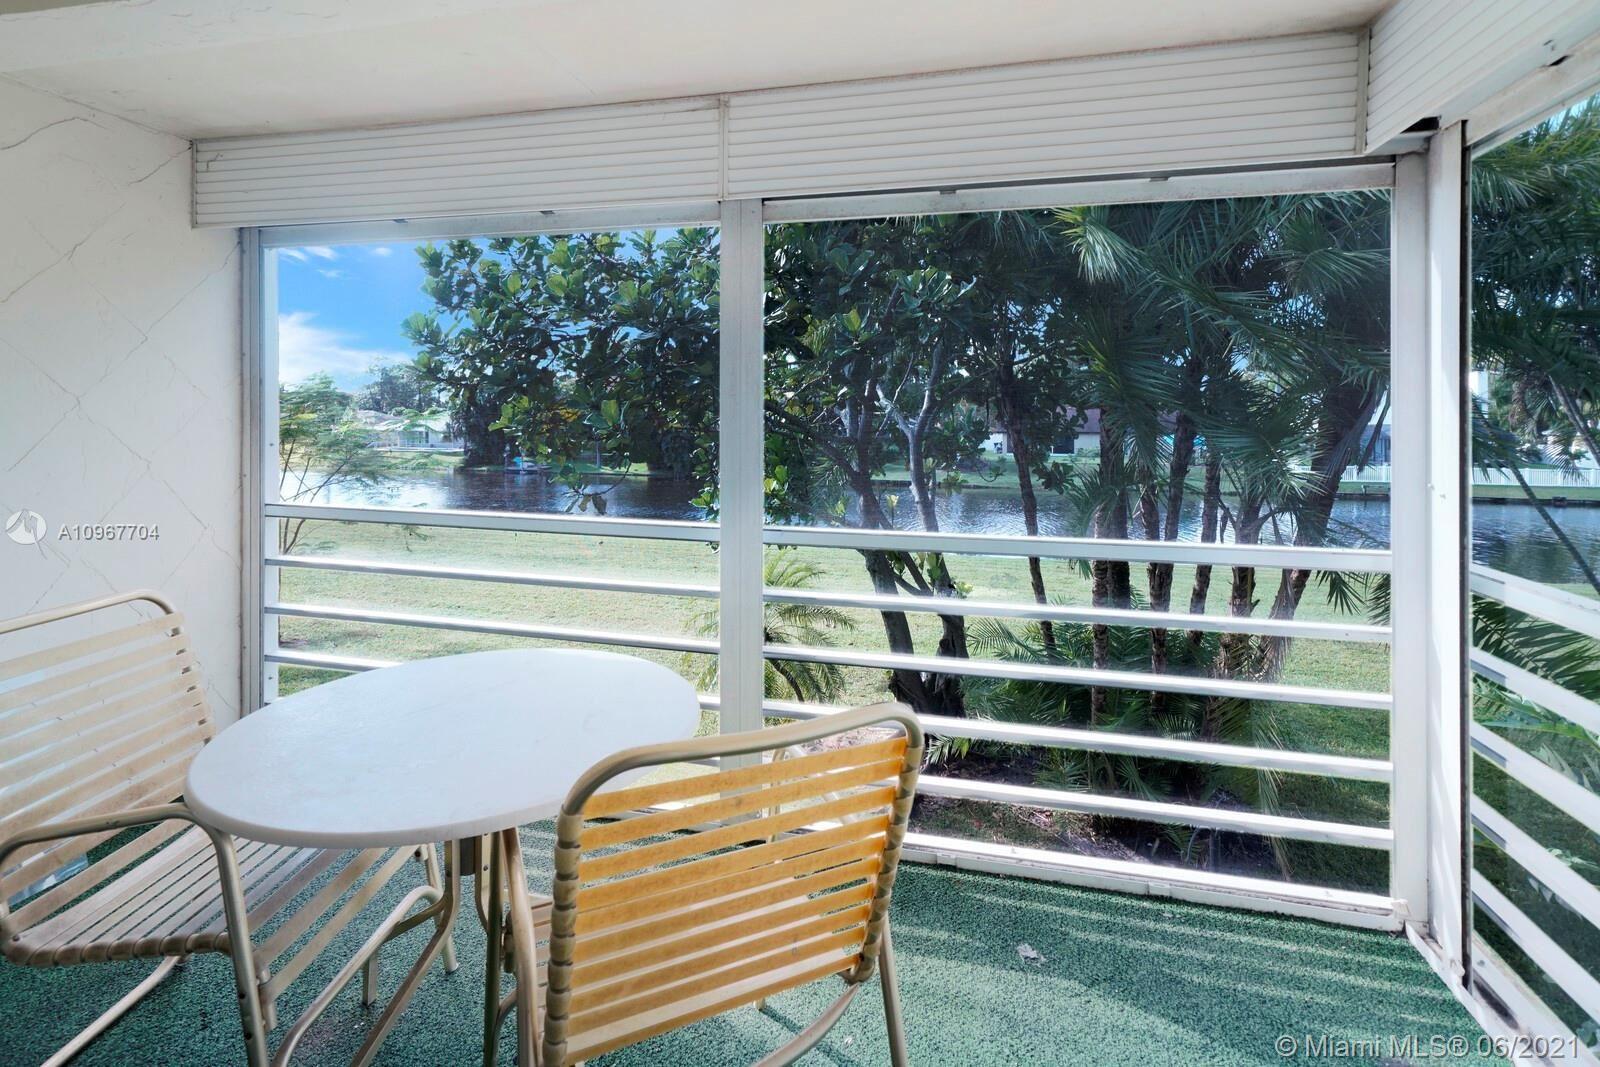 12001 Poinciana Blvd #206, Royal Palm Beach, FL 33411 - #: A10967704